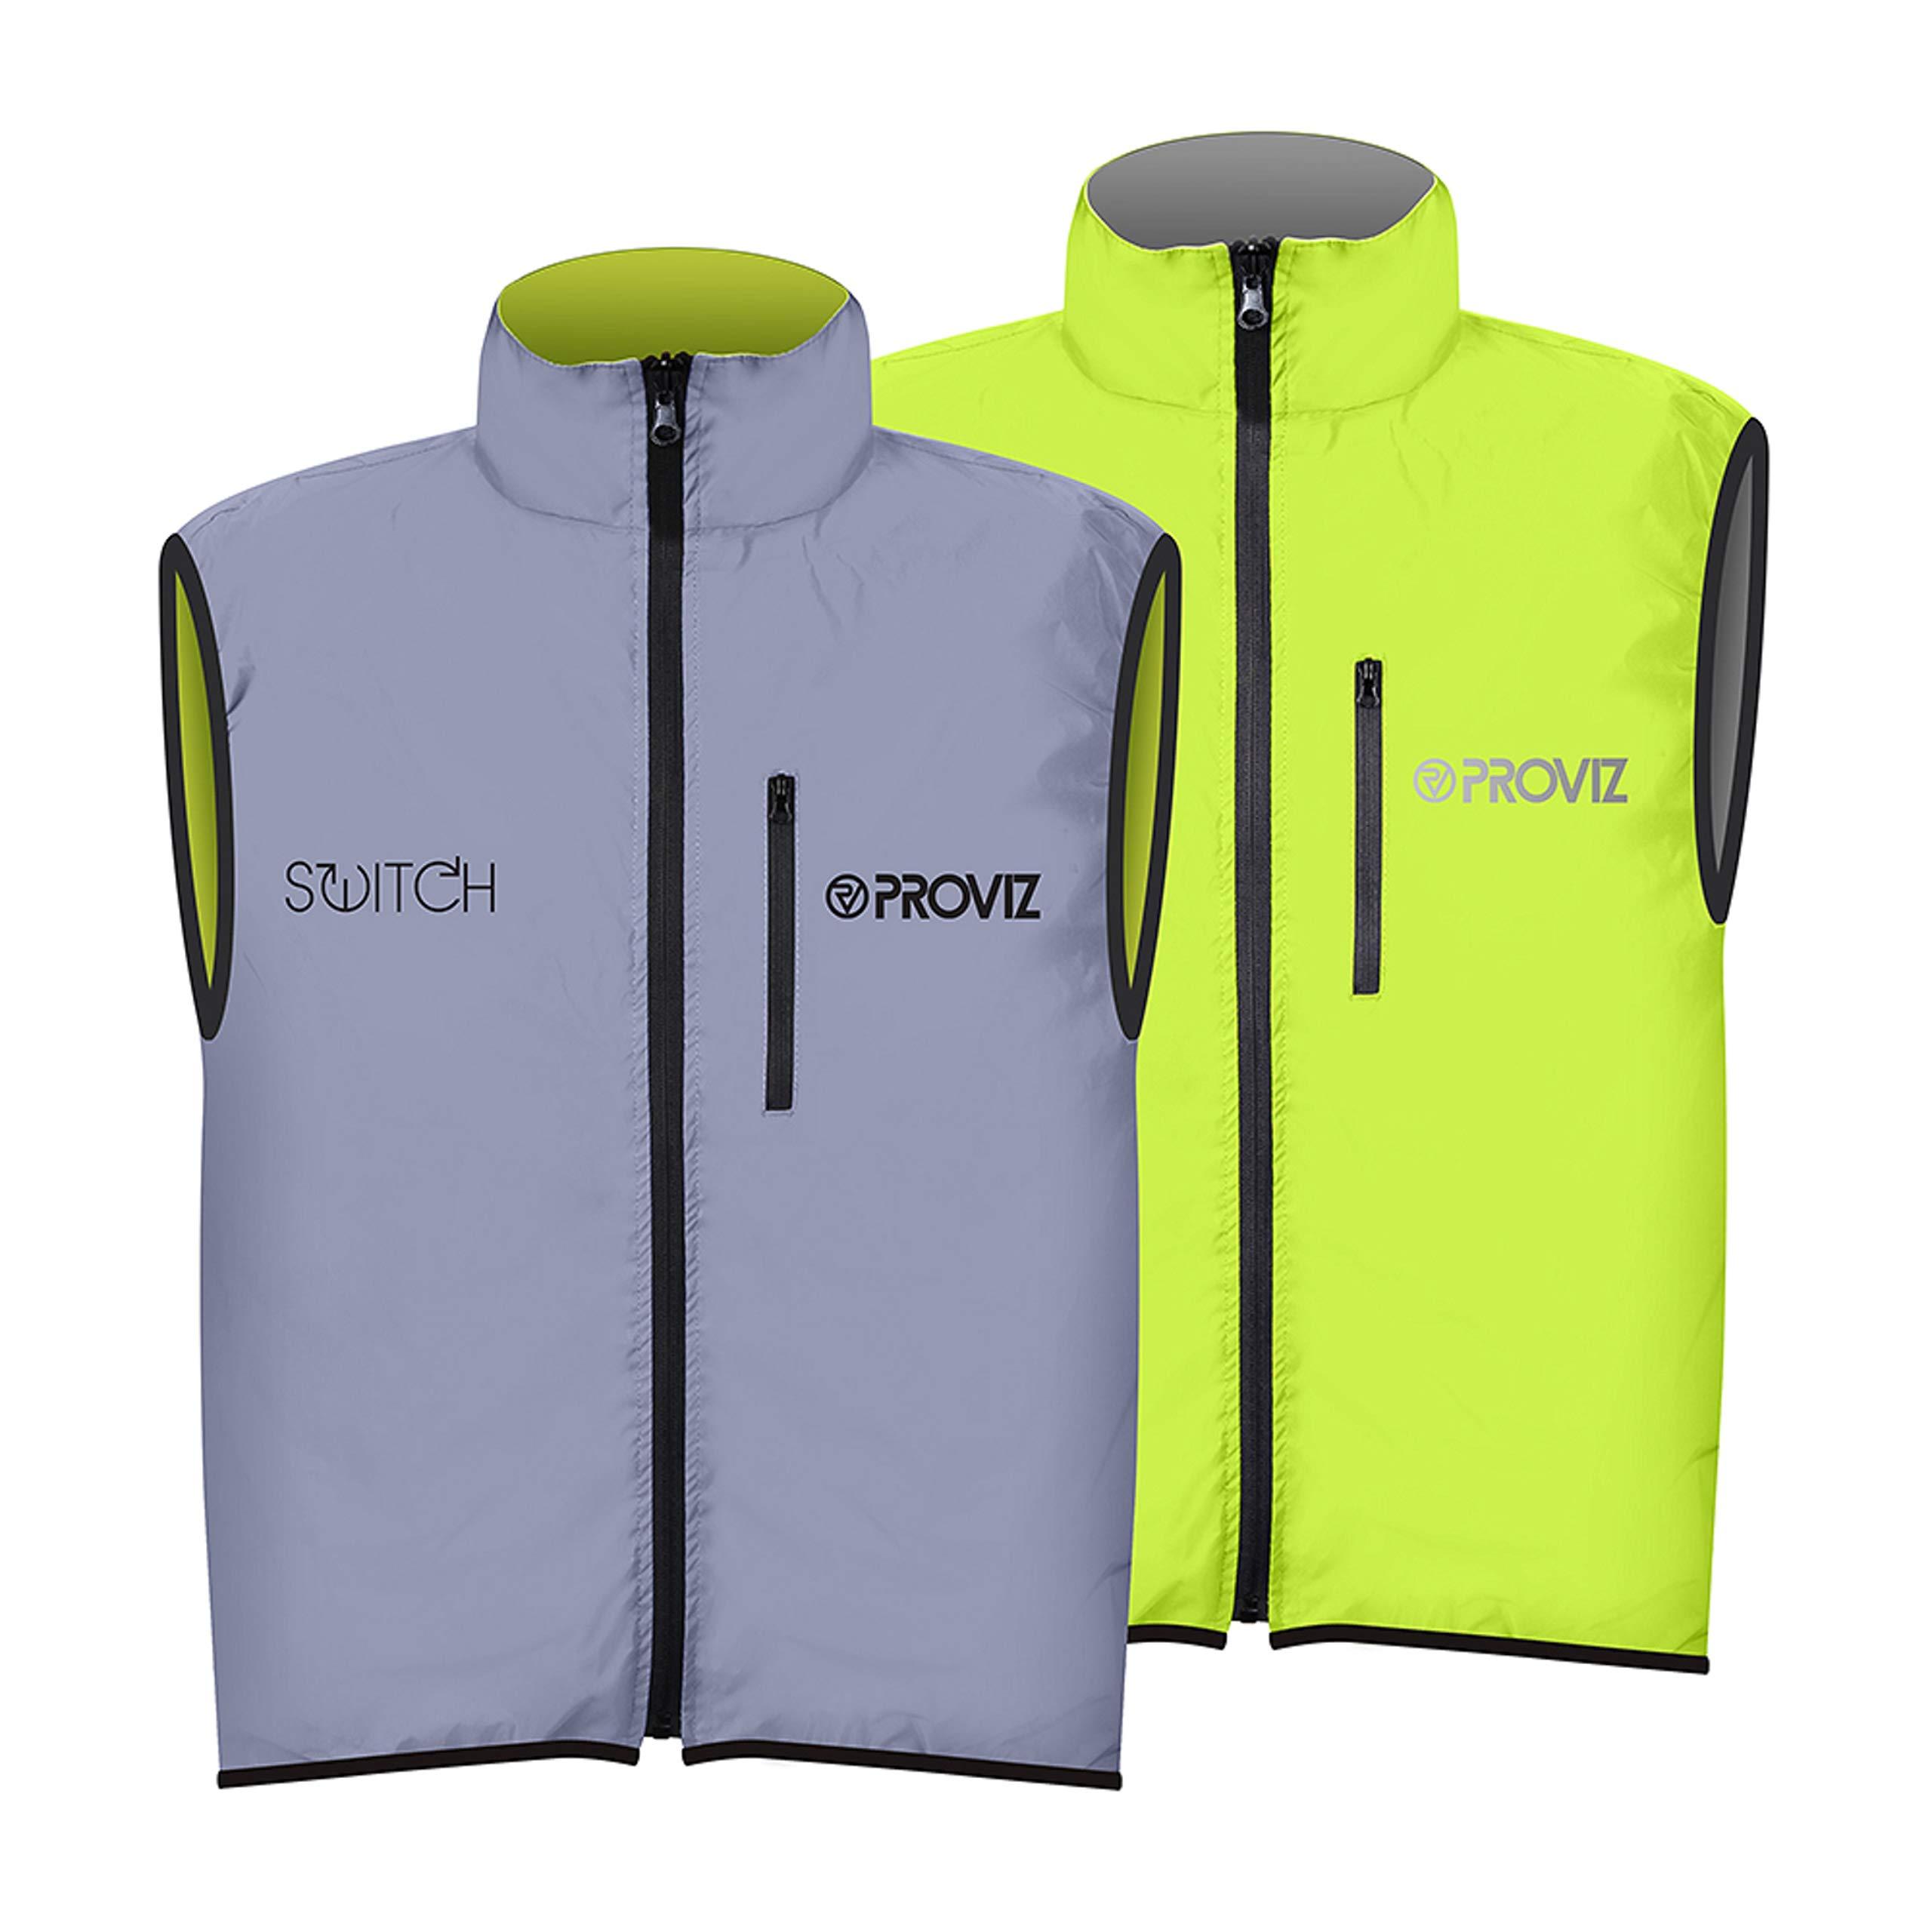 Proviz Men's Switch Cycling Vest